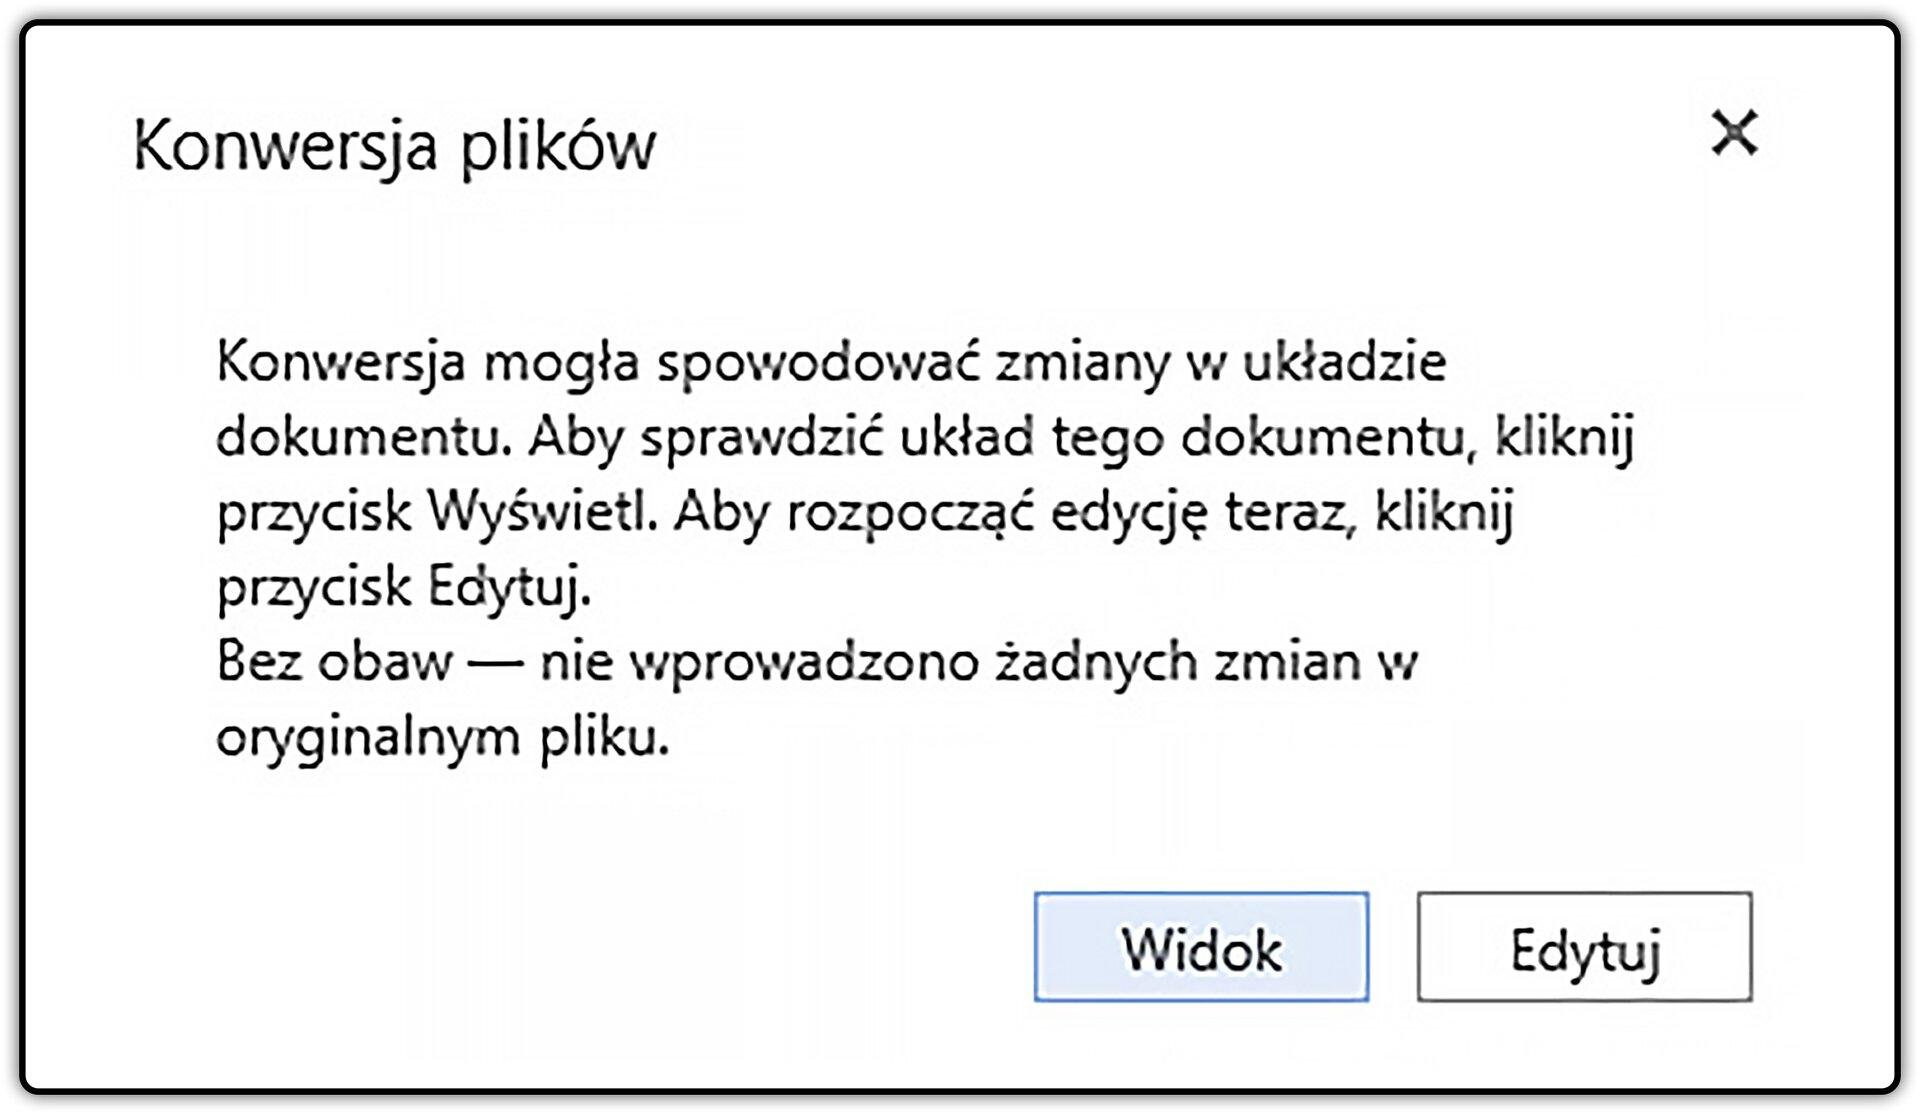 Zrzut okna: Konwersja plików zzaznaczonym przyciskiem: Widok